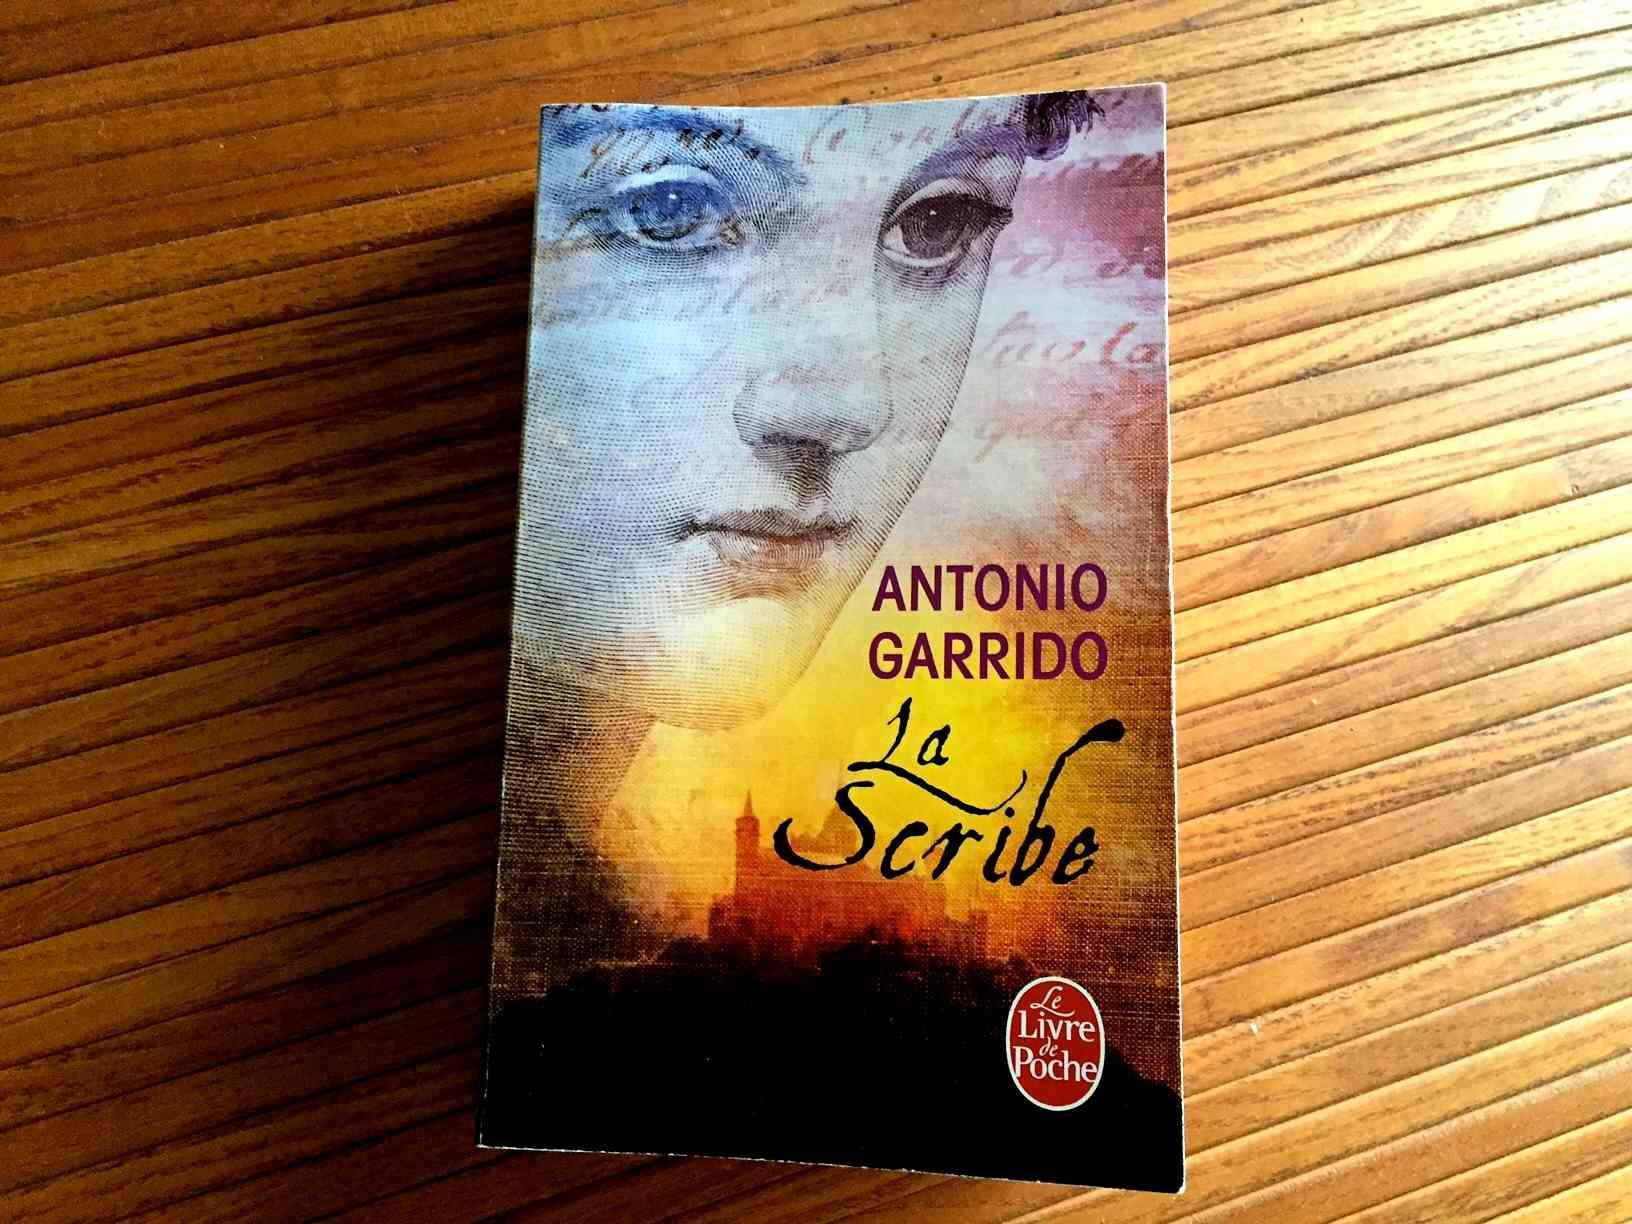 Antonio Garrido La scribe